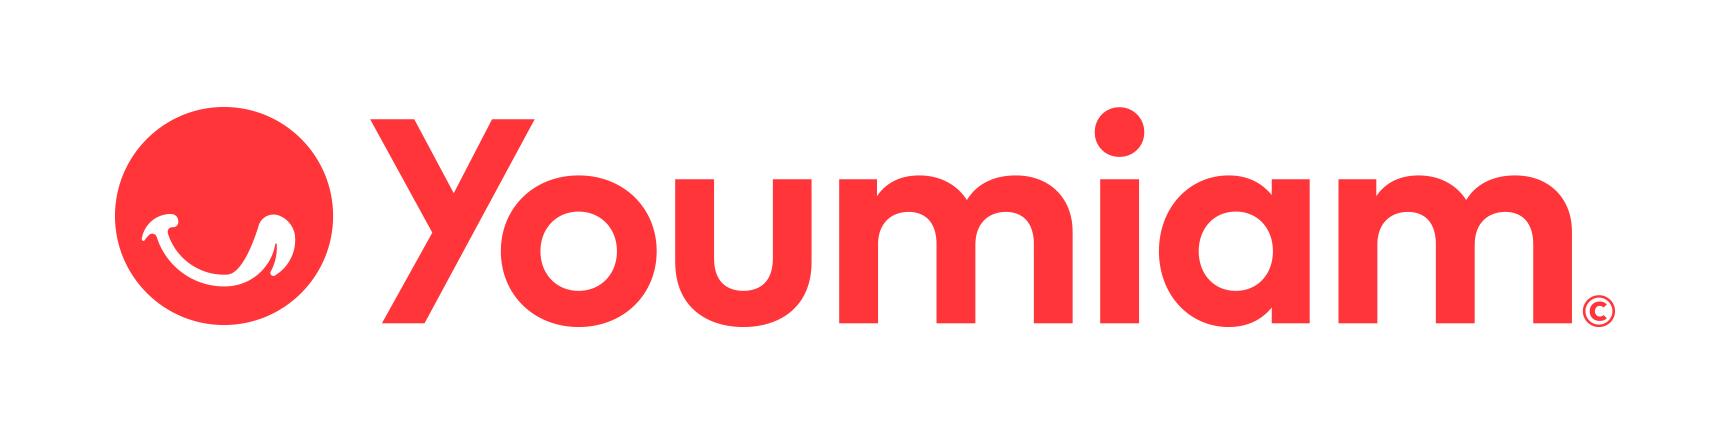 Youmiam company logo